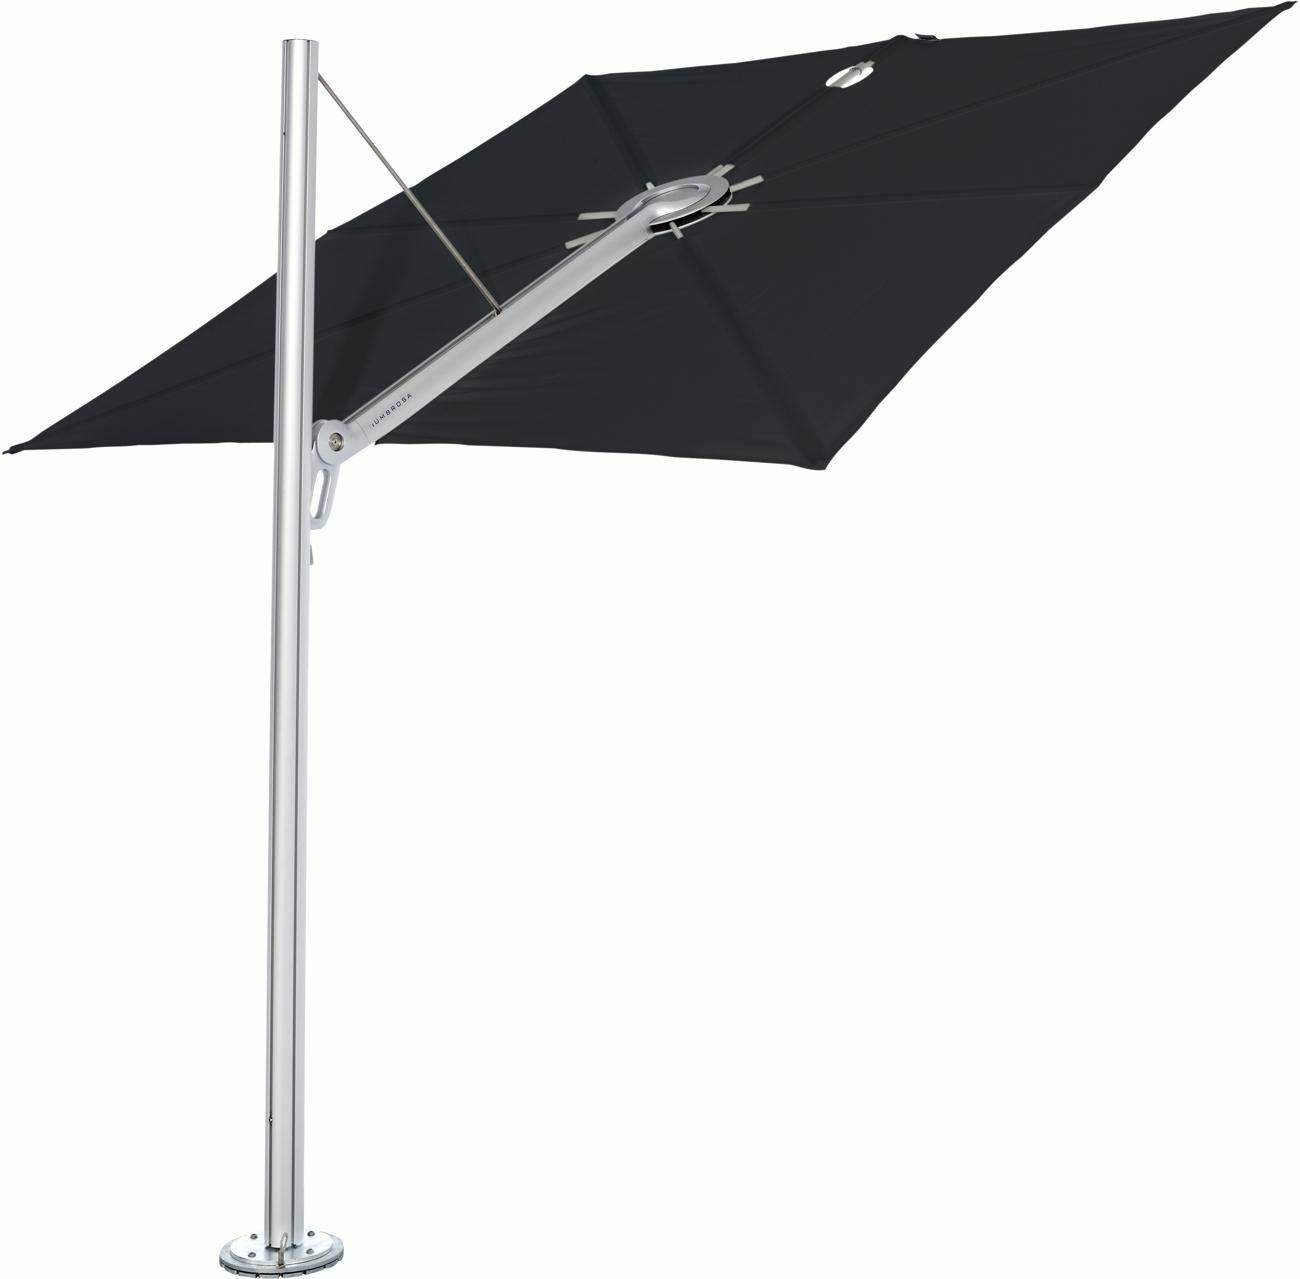 Spectra parasol déporté droit (90°)